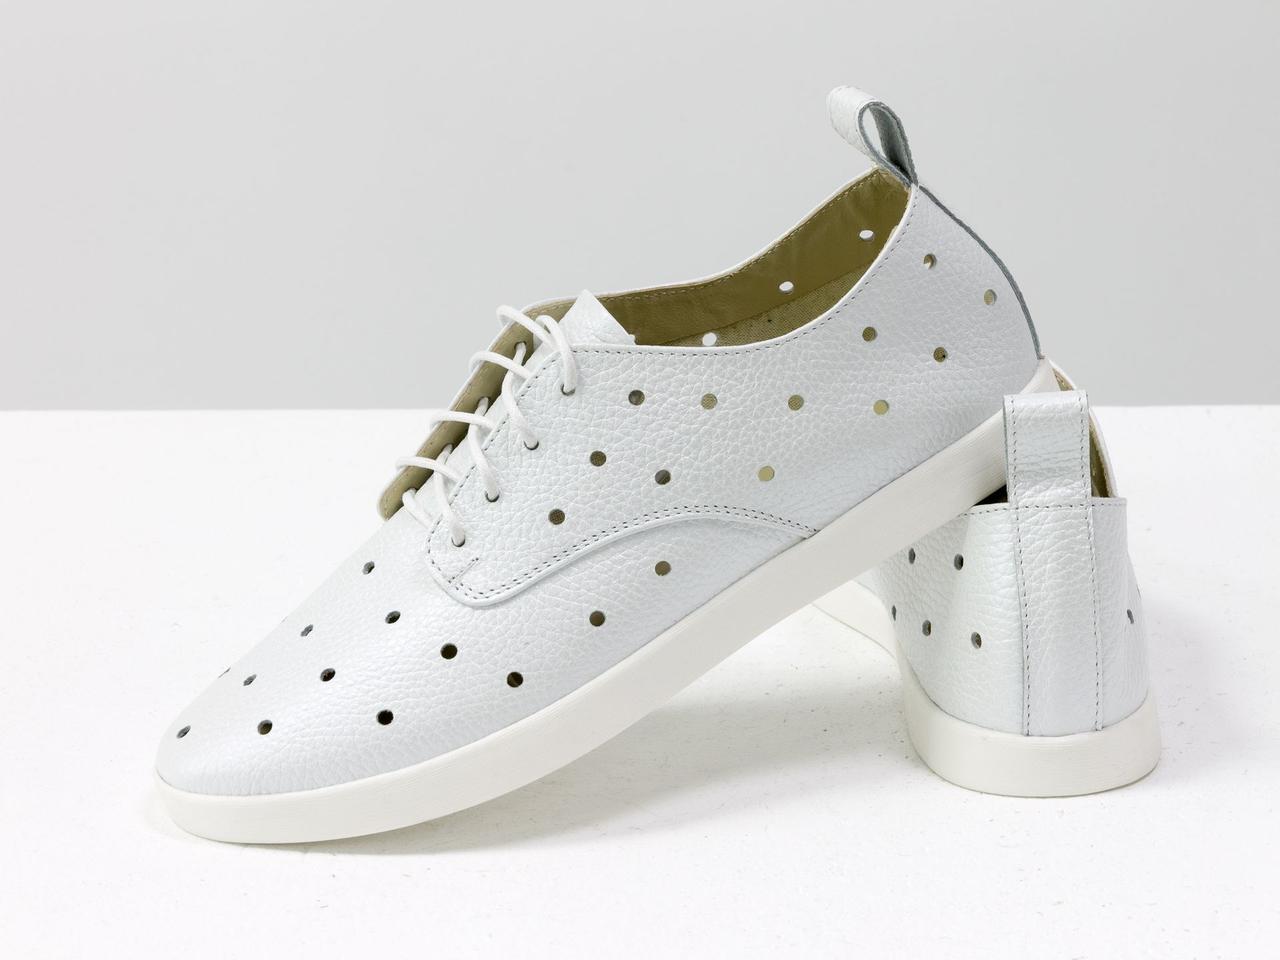 Легкие туфли из натуральной кожи белого цвета с перфорацией по всей поверхности 39 - фото 9